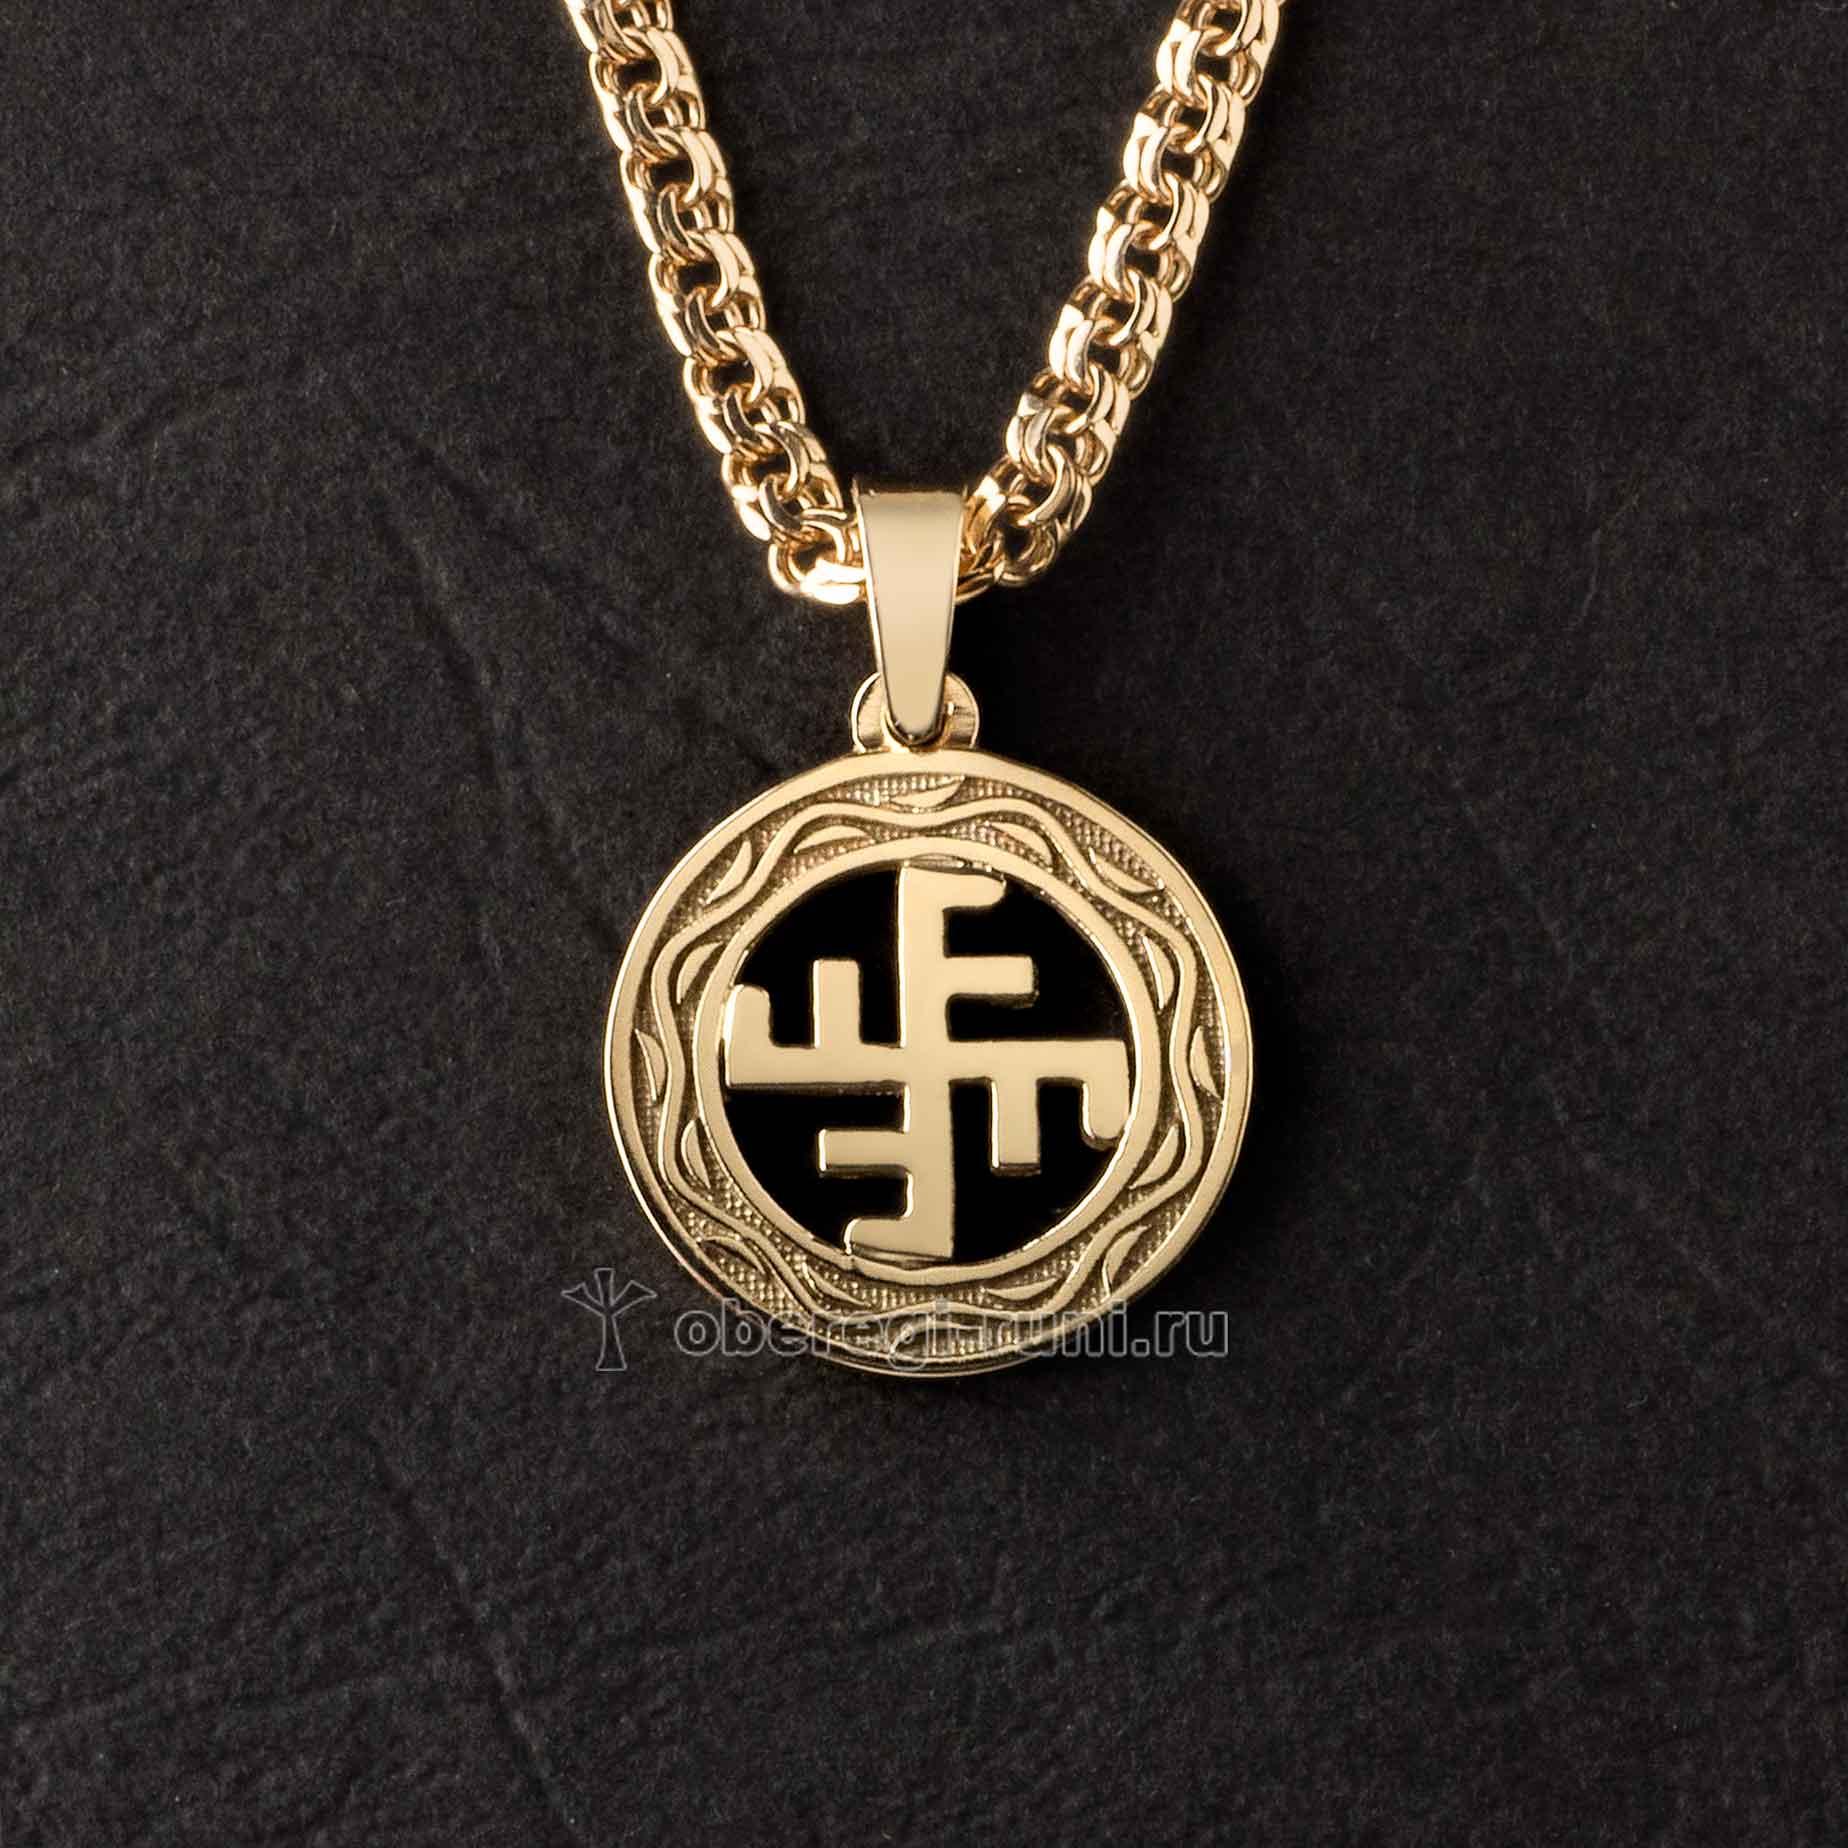 Солнечный крест золото